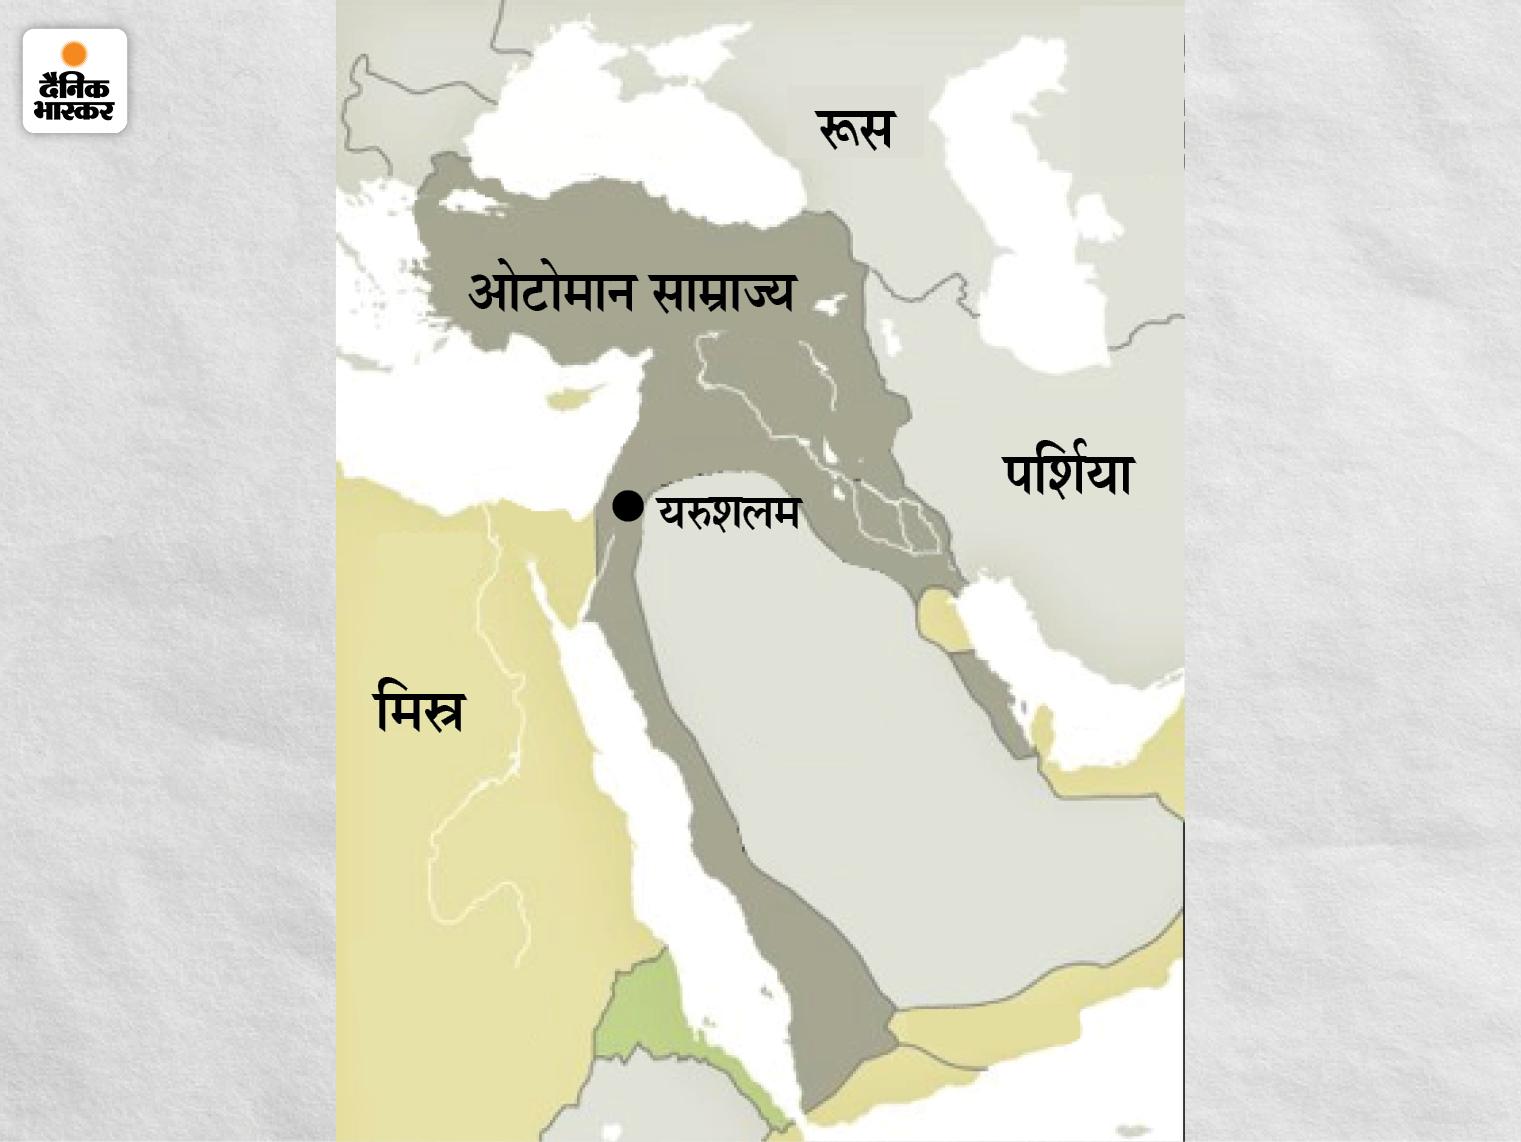 ये मैप प्रथम विश्वयुद्ध के पहले का है। इसमें दिख रहे ओटोमान साम्राज्य में उस वक्त फिलहाल इजराइल, फिलिस्तीन, मिस्र, तुर्की समेत आसपास के कई देश आते थे।